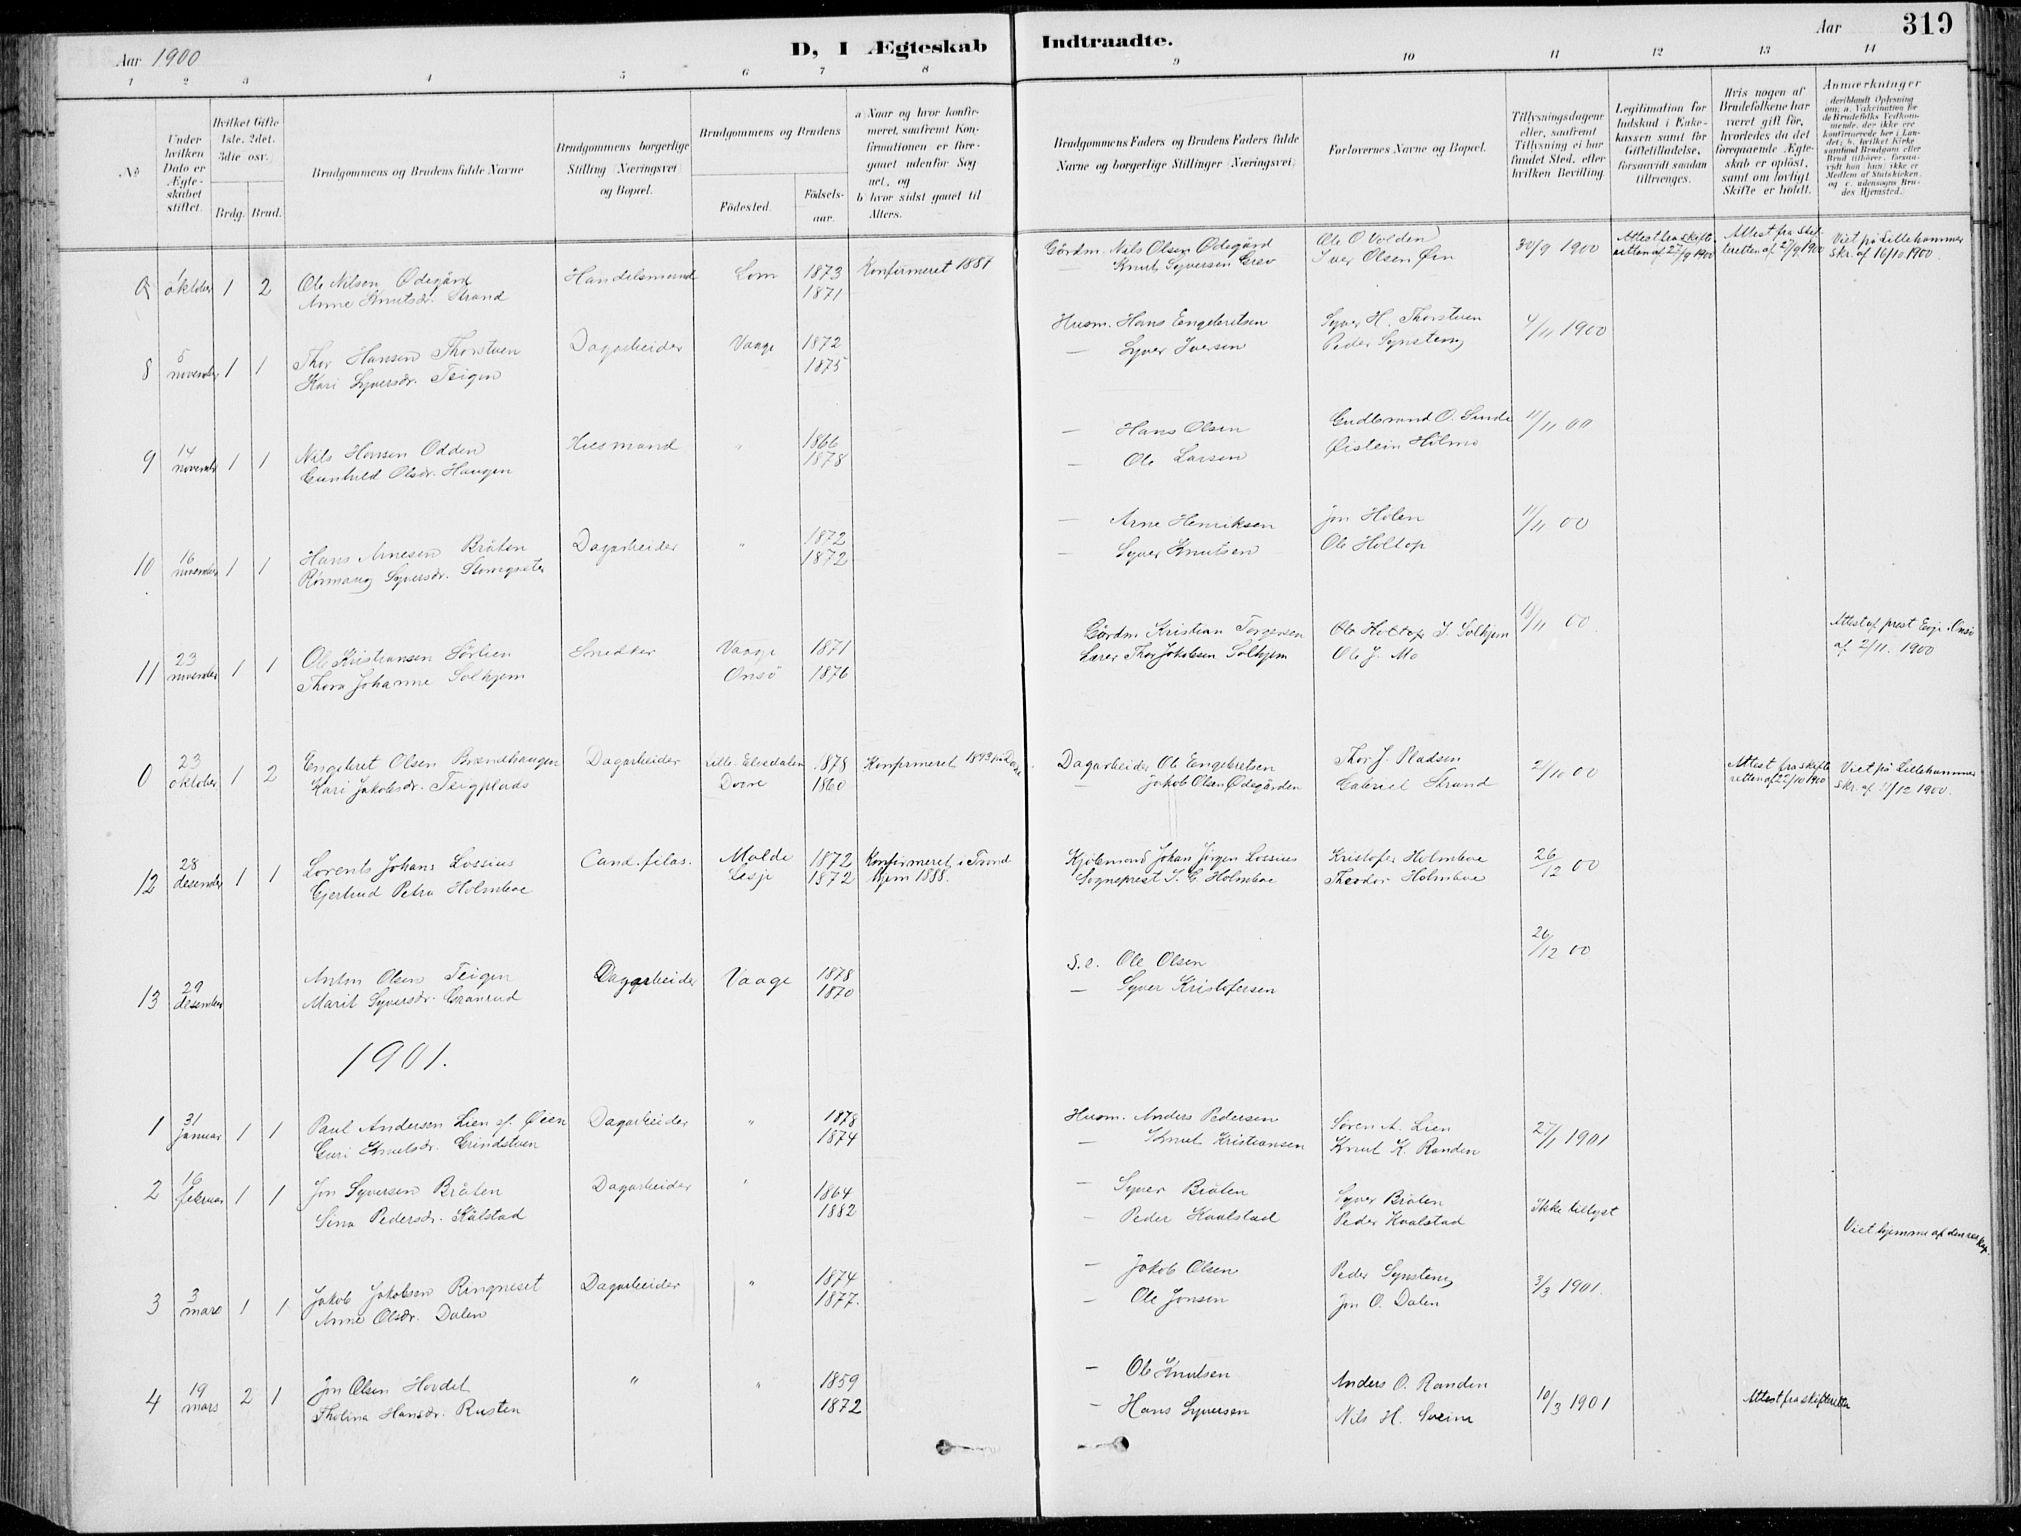 SAH, Vågå prestekontor, Klokkerbok nr. 2, 1894-1939, s. 319